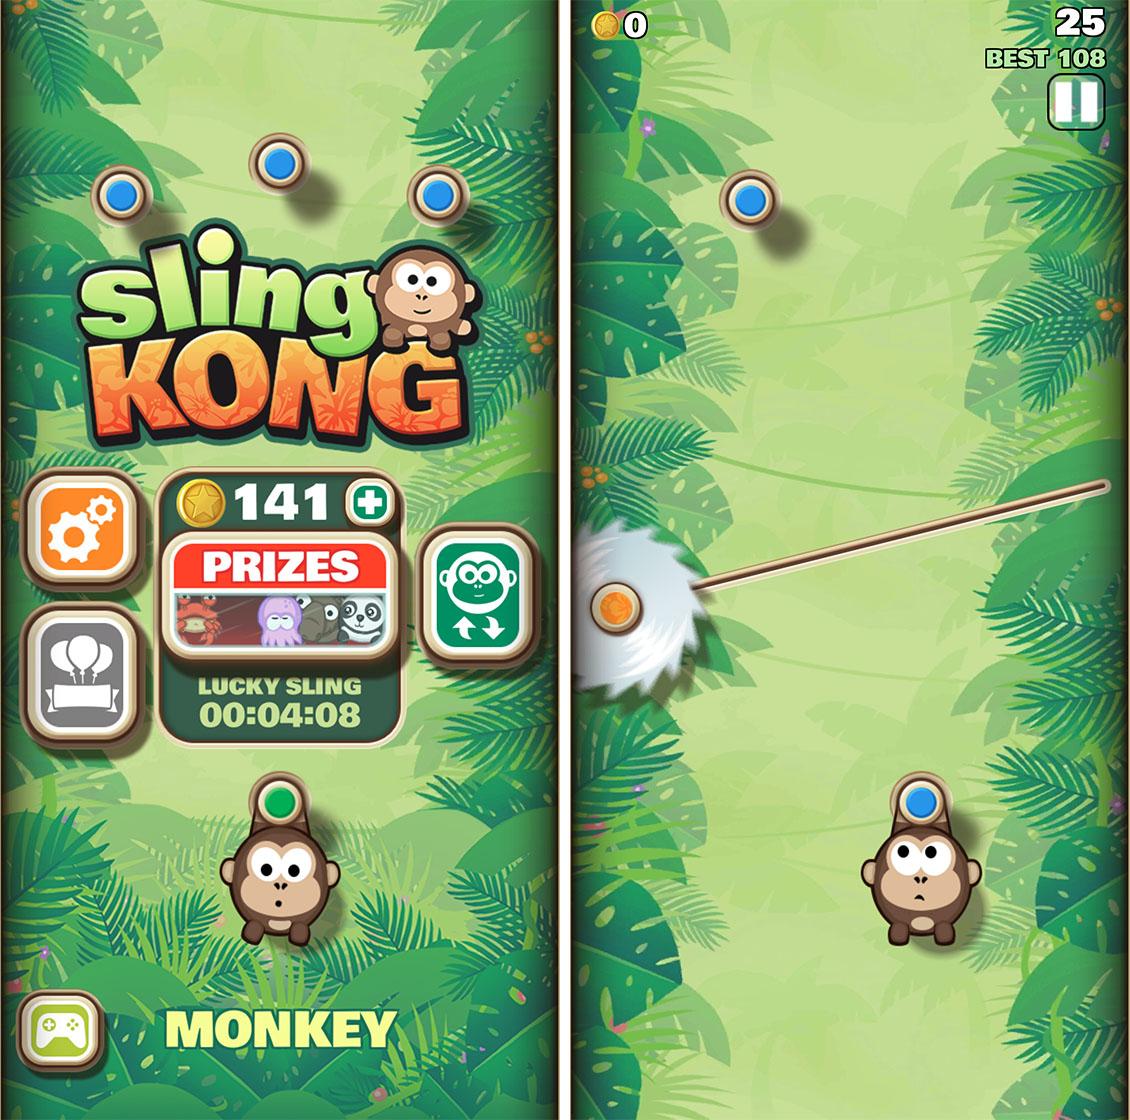 Sling Kong start screen